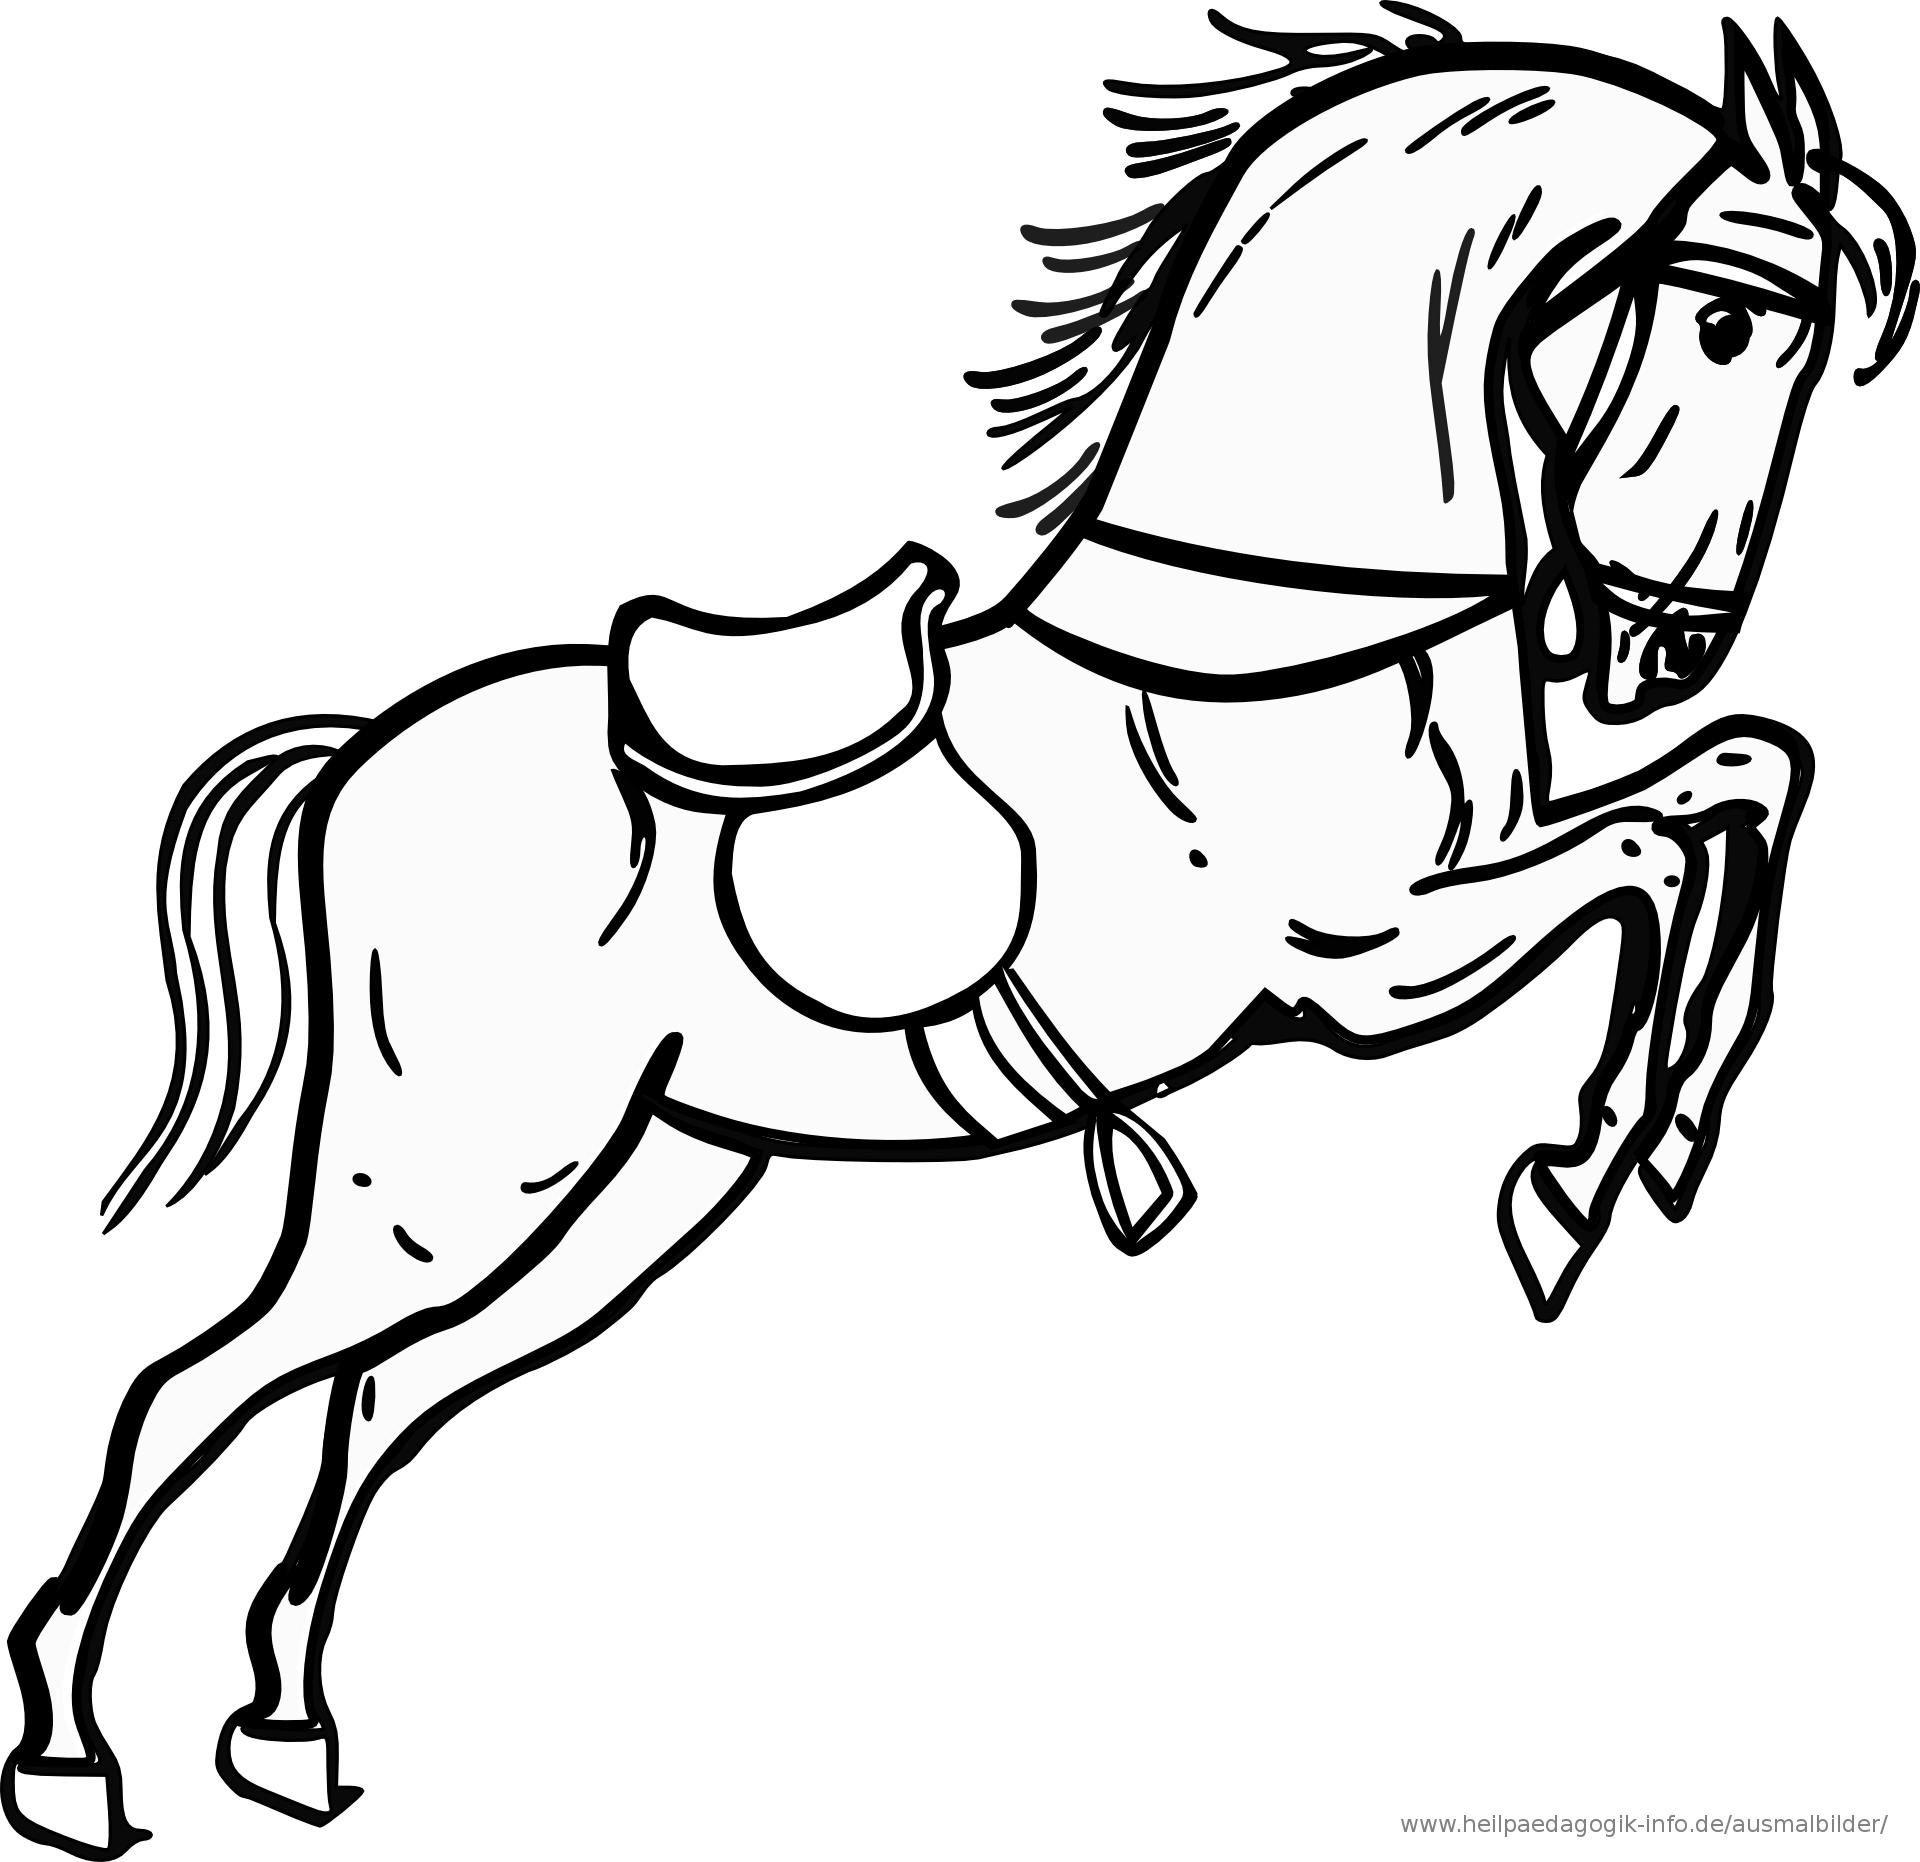 Ausmalbilder Pferde | - 2 - Ausmalbilder Pferde Kostenlos Zum ...